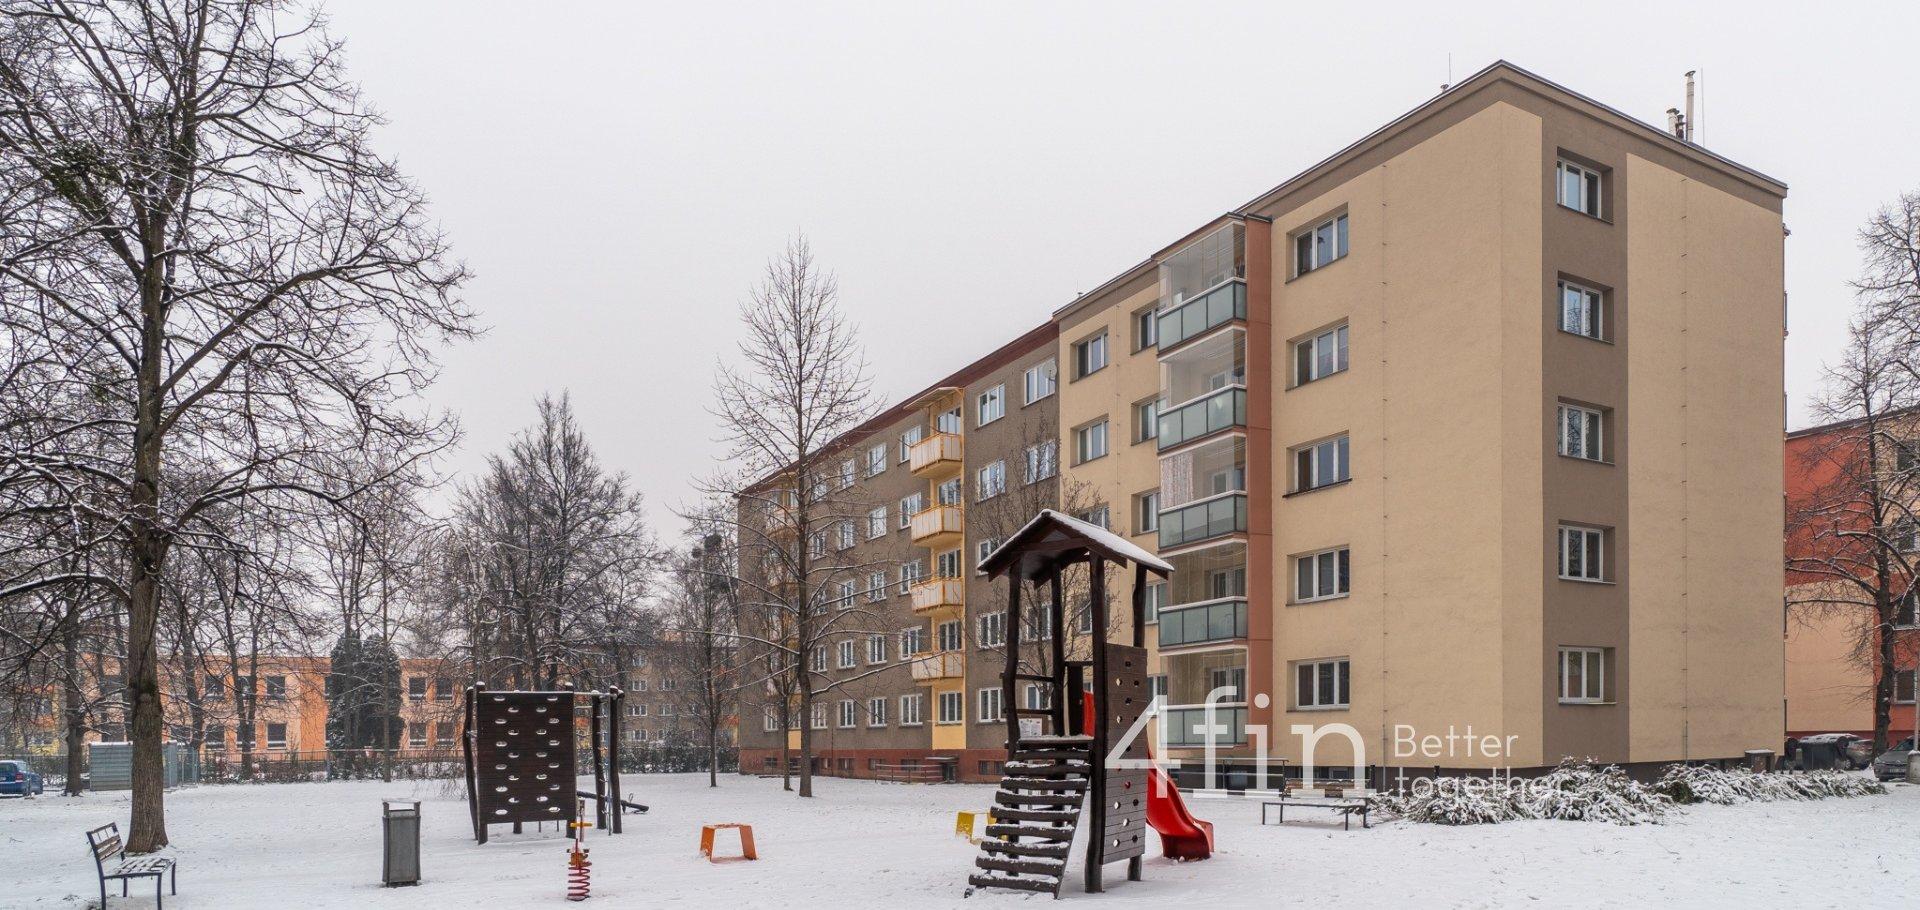 Prodej bytu 2+1, 59 m2, ul. Jablunkovská, Třinec